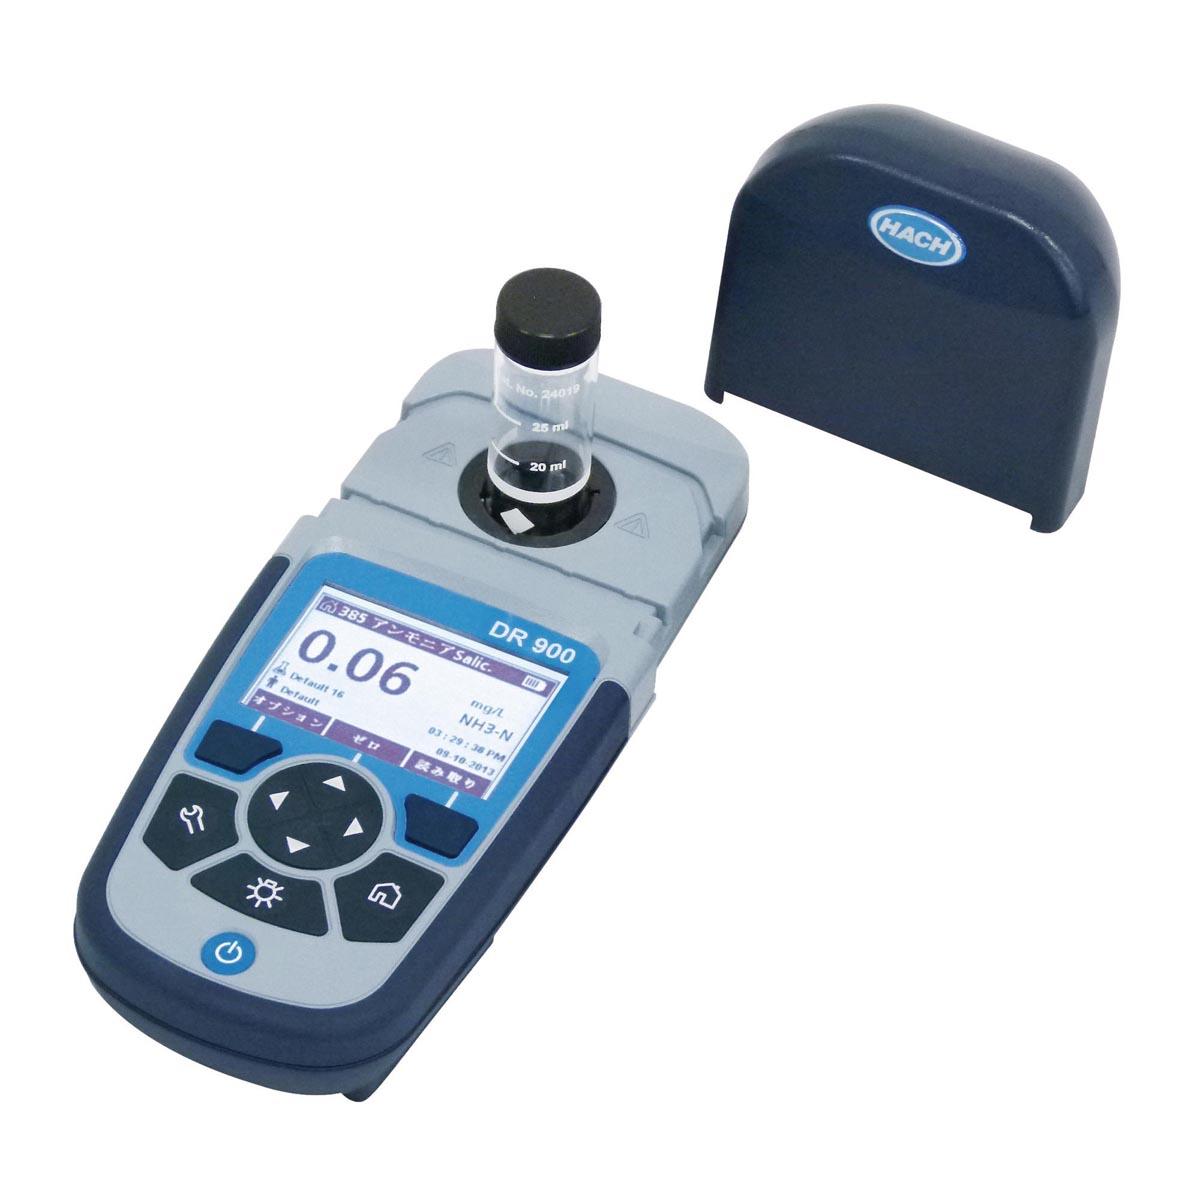 HACH ポータブル水質分析計 DR900